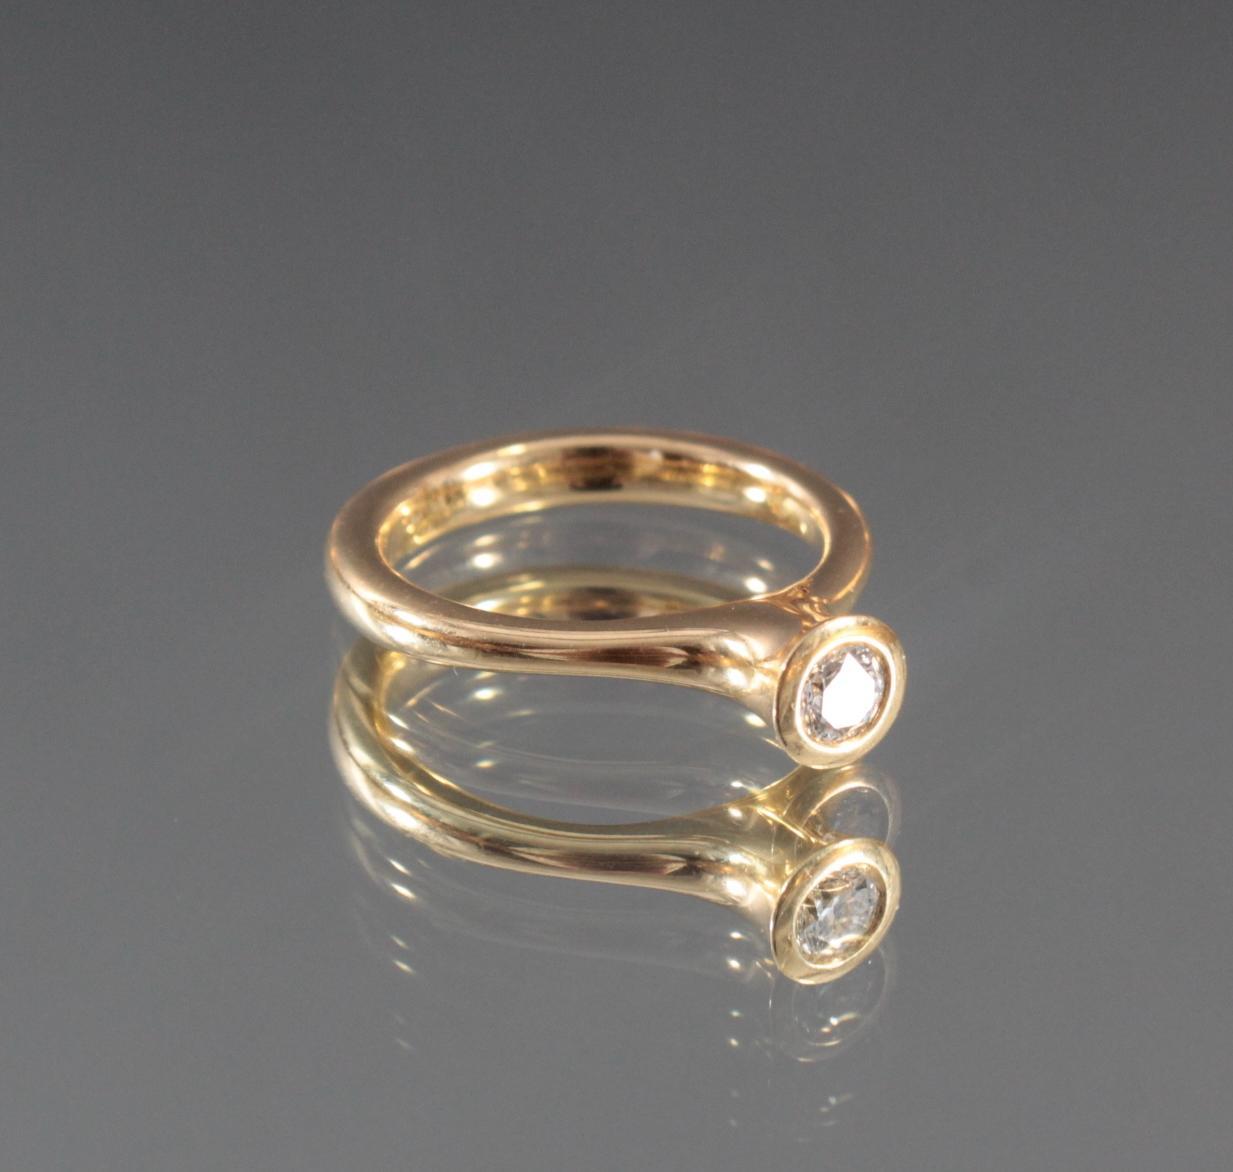 Damenring aus 18 Karat Gelbgold mit Diamant-2